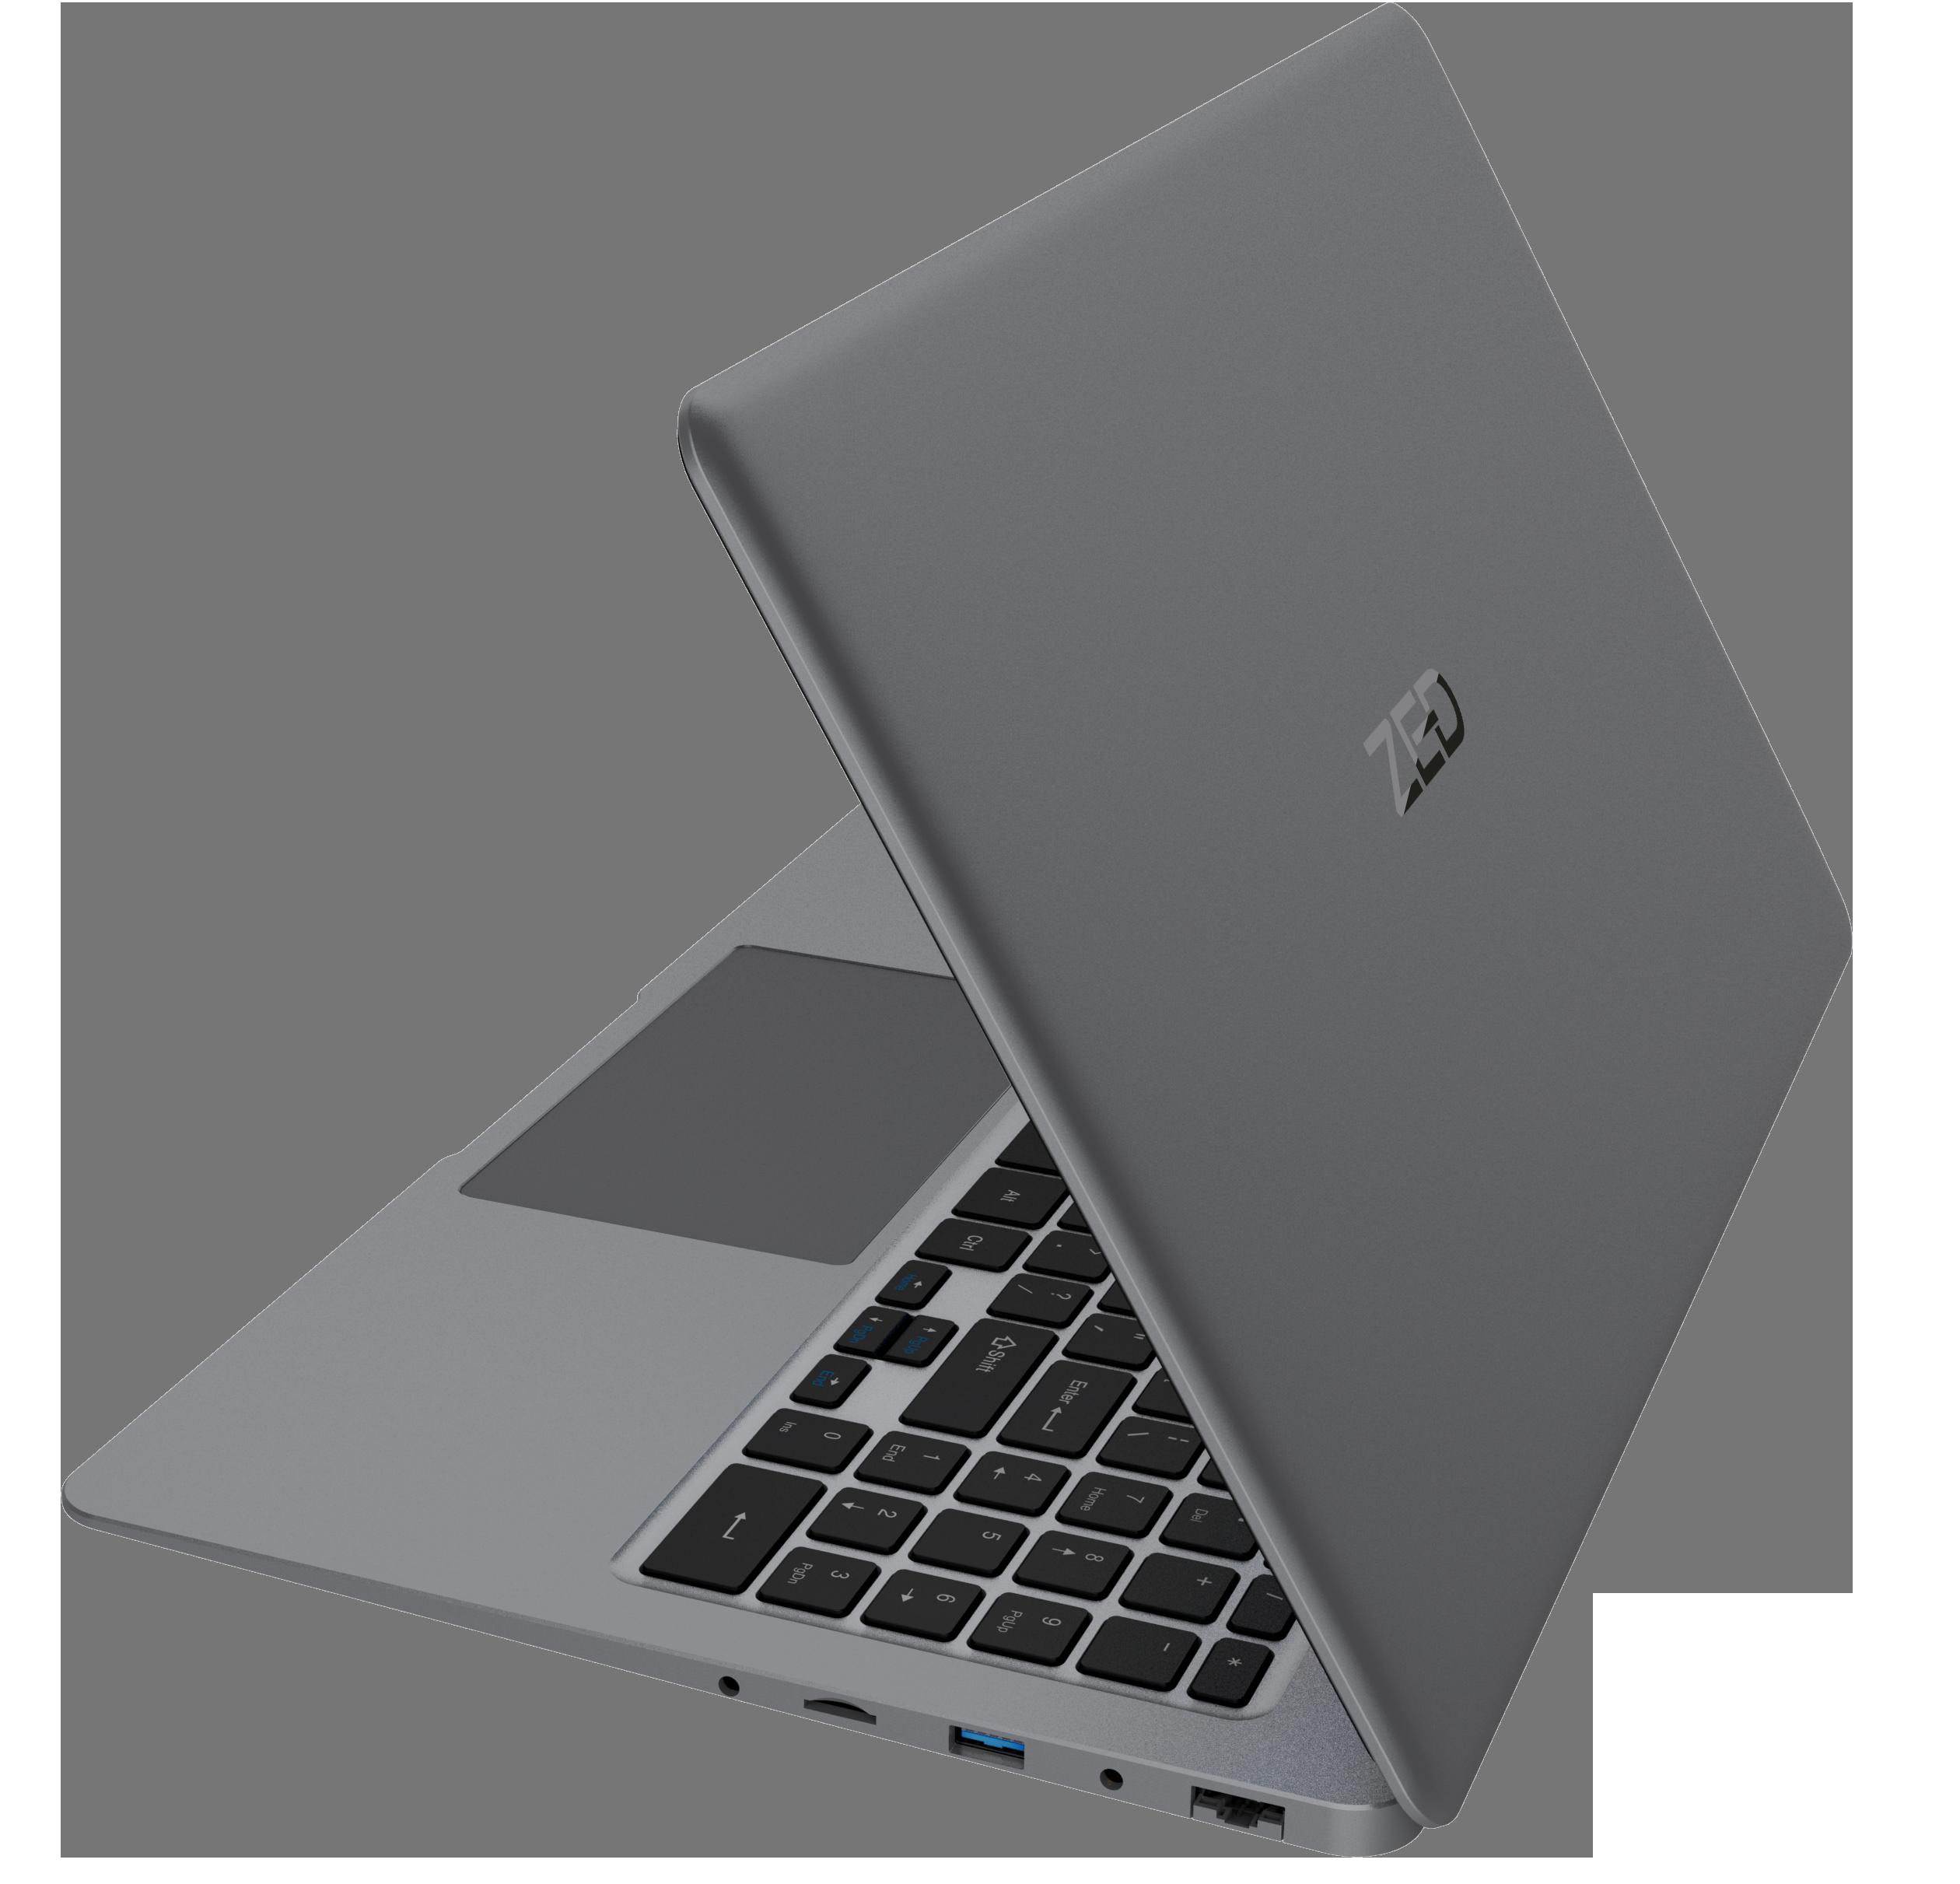 ZedairPlus-Grey-low-res